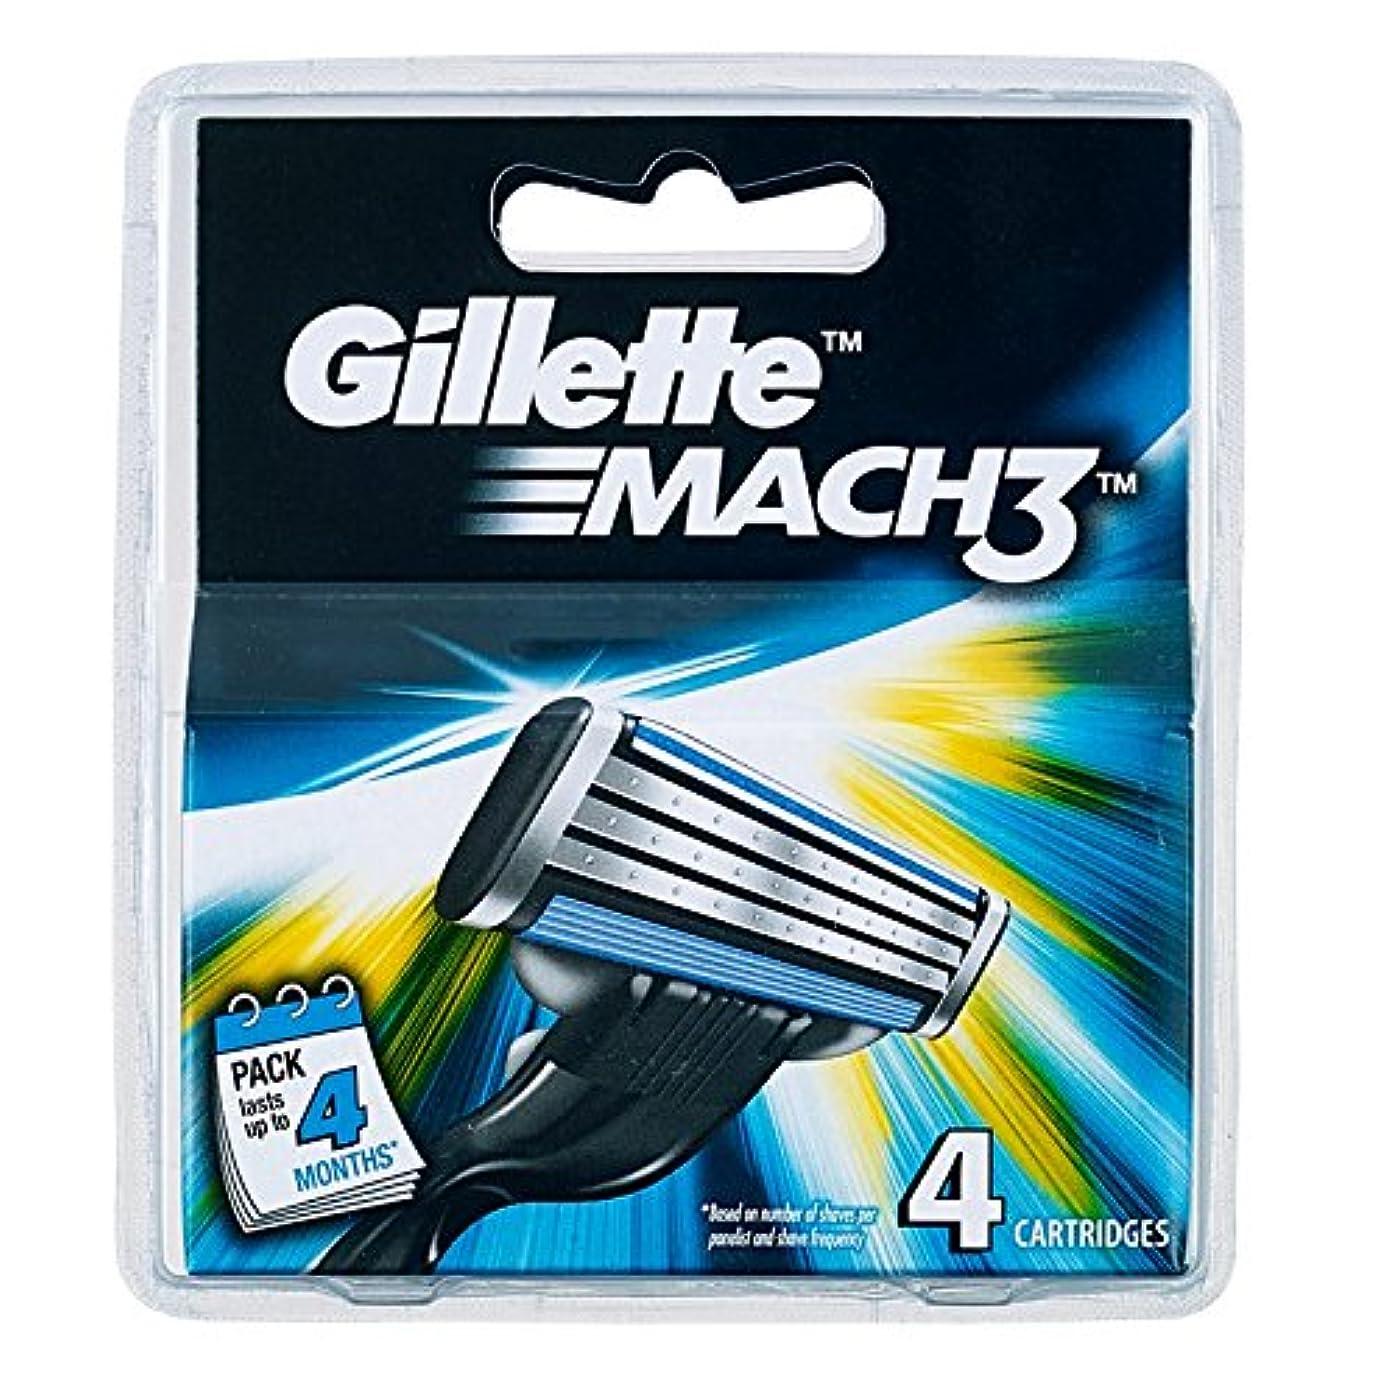 くびれたウミウシ教授Gillette MACH3 SHAVING RAZOR CARTRIDGES BLADES 4 Pack [並行輸入品]